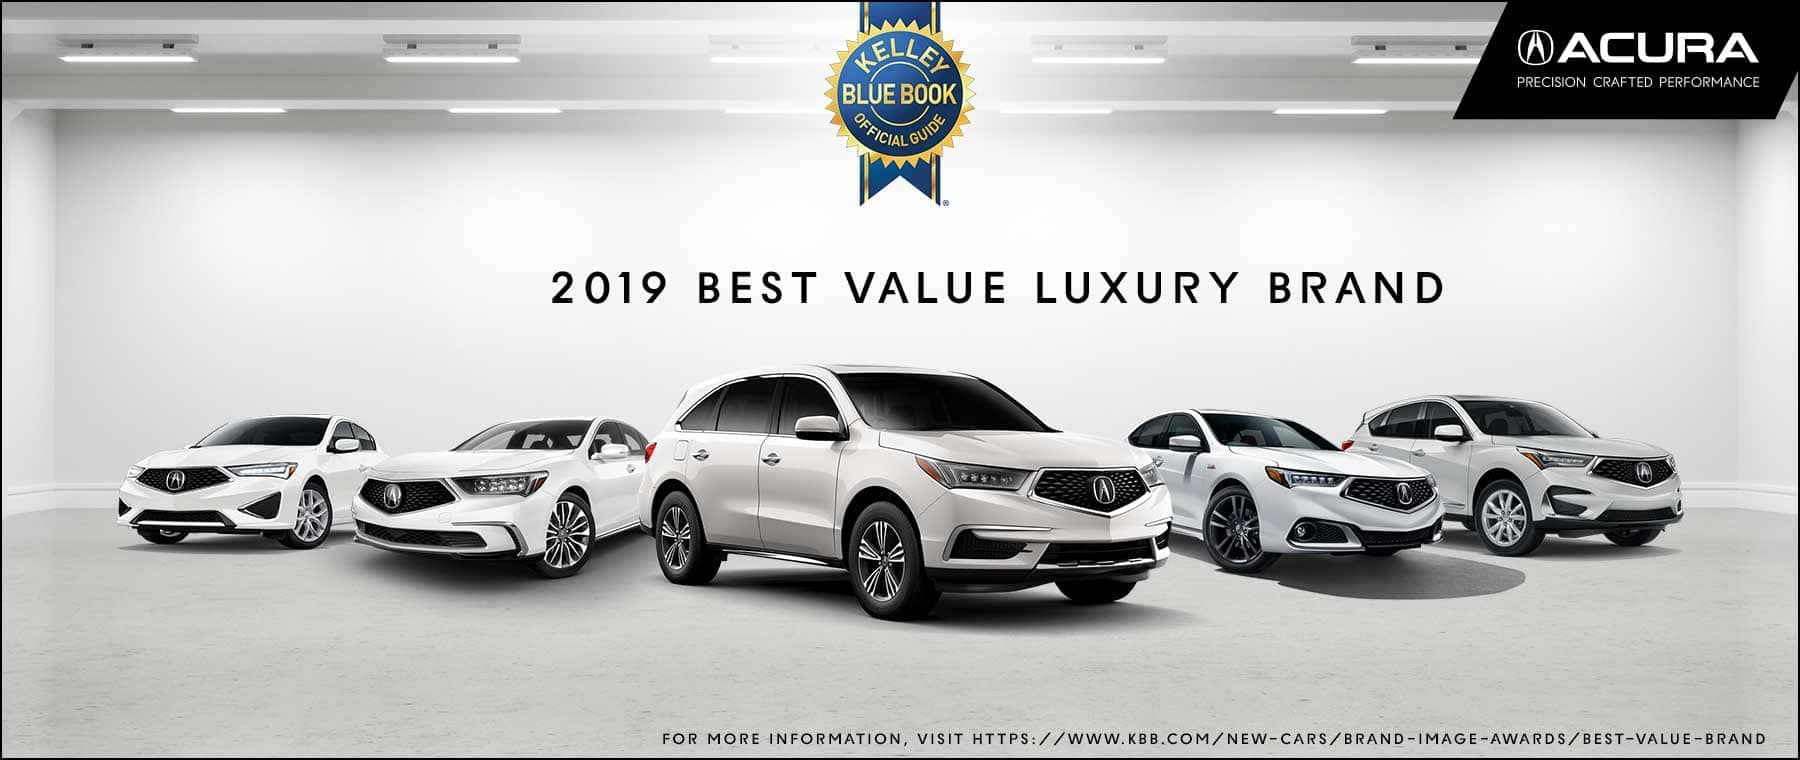 Acura Dealer Ny >> Acura New And Used Car Dealer In Woodside Ny Paragon Acura